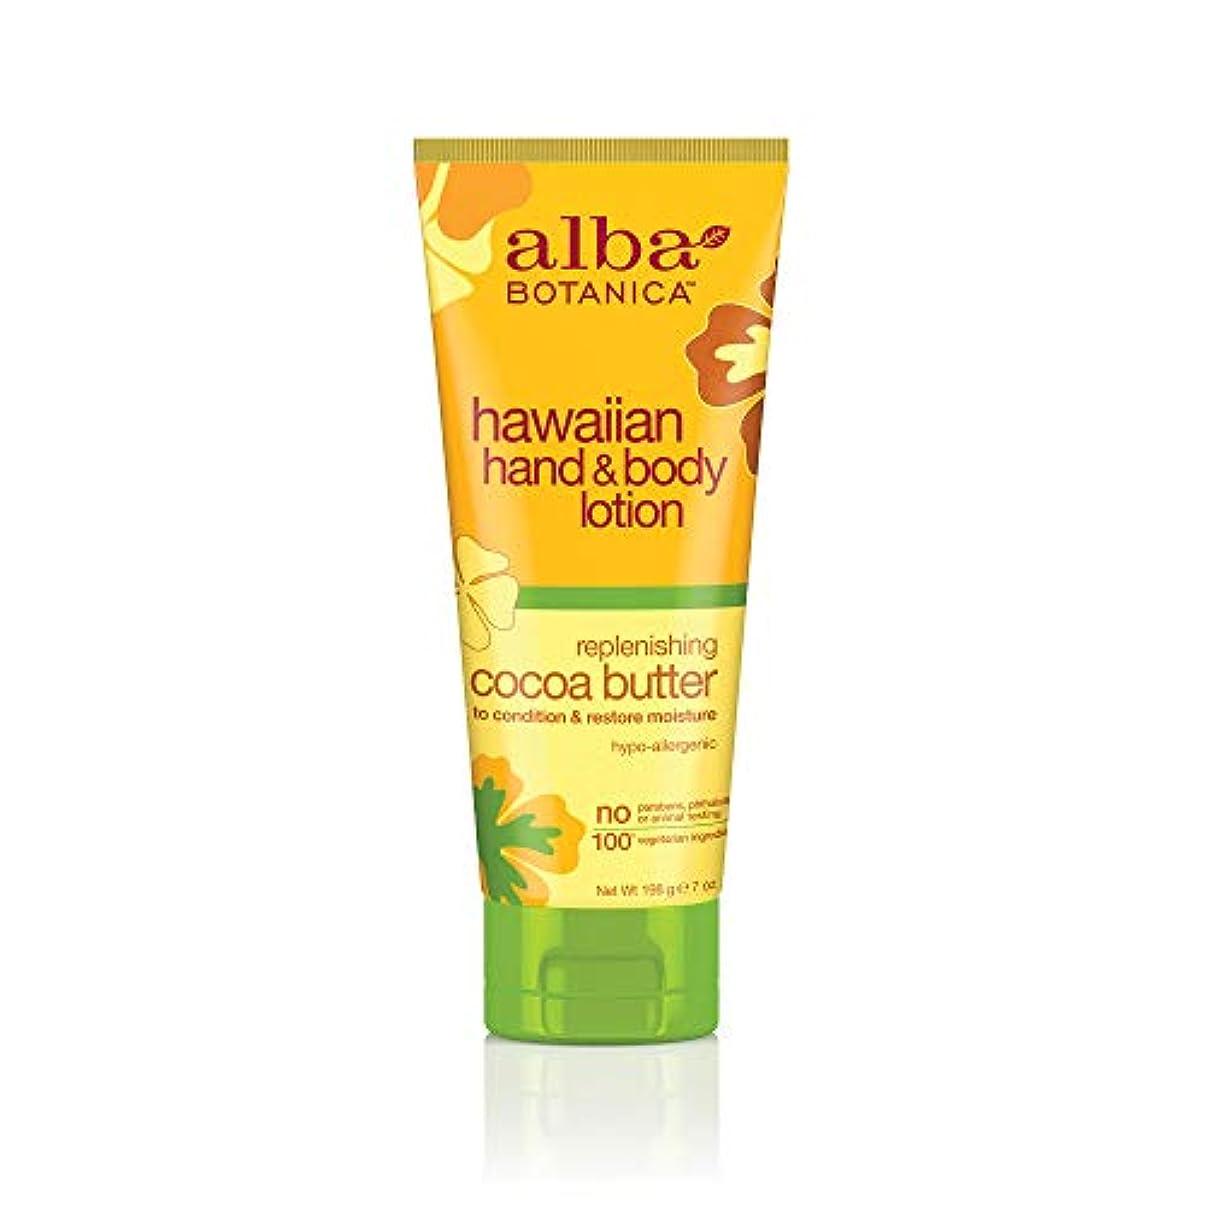 アサート比べるより多い海外直送品 Alba Botanica Hawaiian Hand & Body Lotion, Cocoa Butter 7 oz